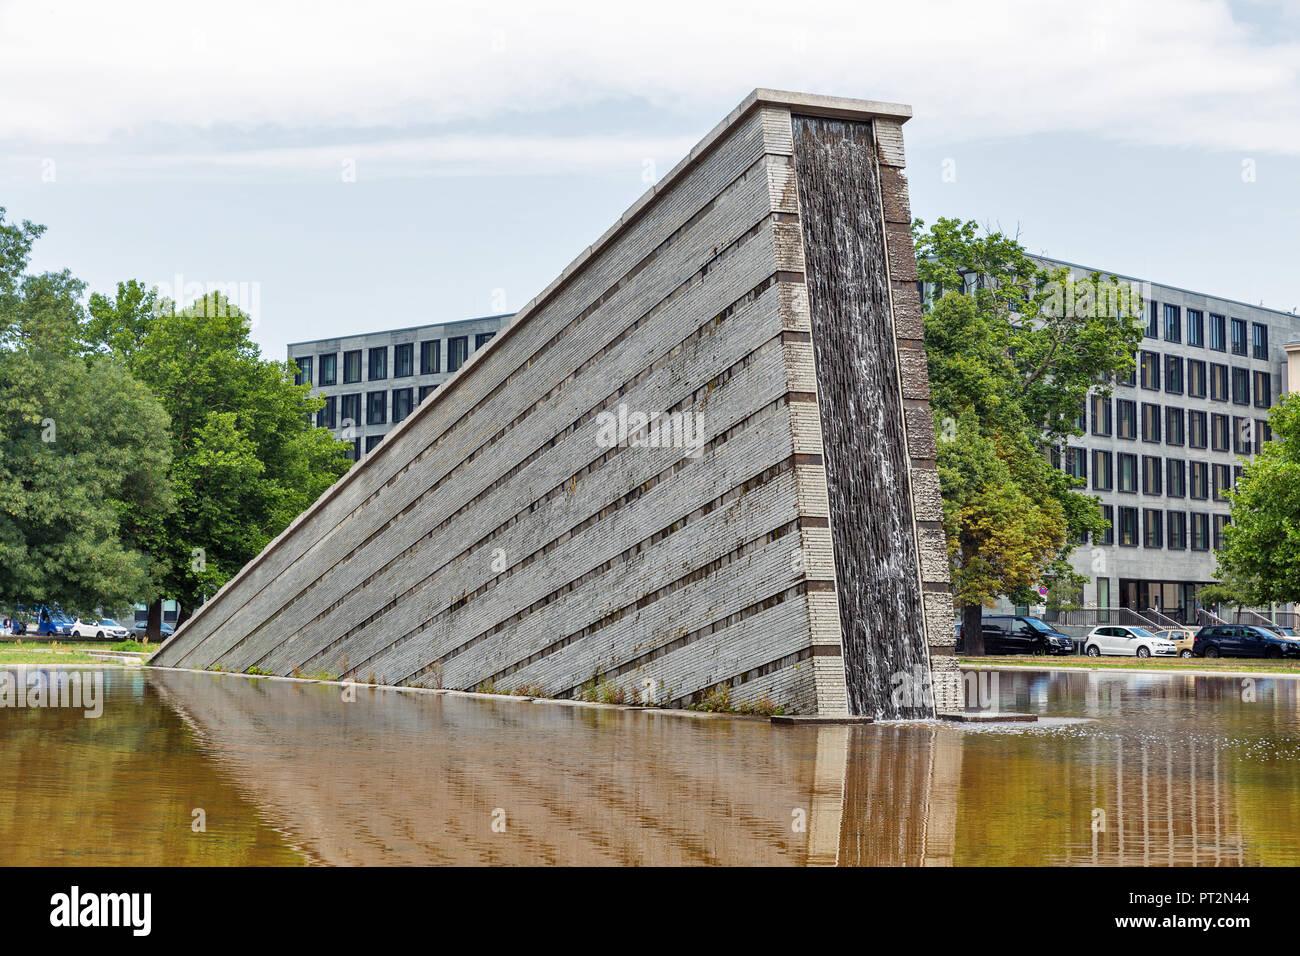 Berlin Deutschland 13 Juli 2018 Die Beruhmten Invaliden